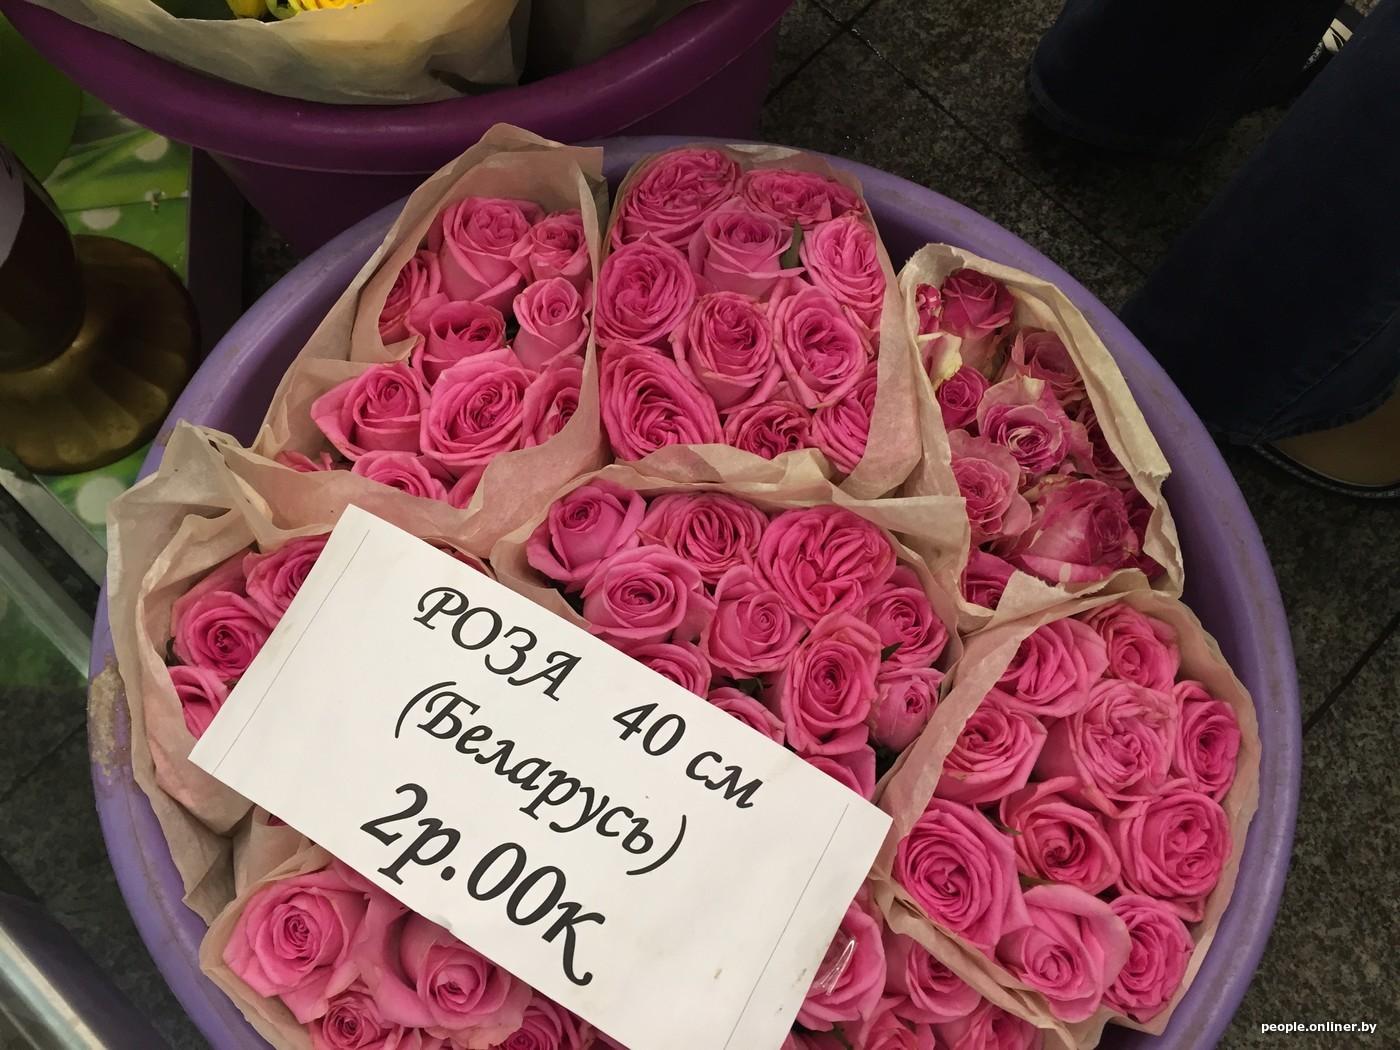 Купить цветы в михановичах чай в подарок женщине